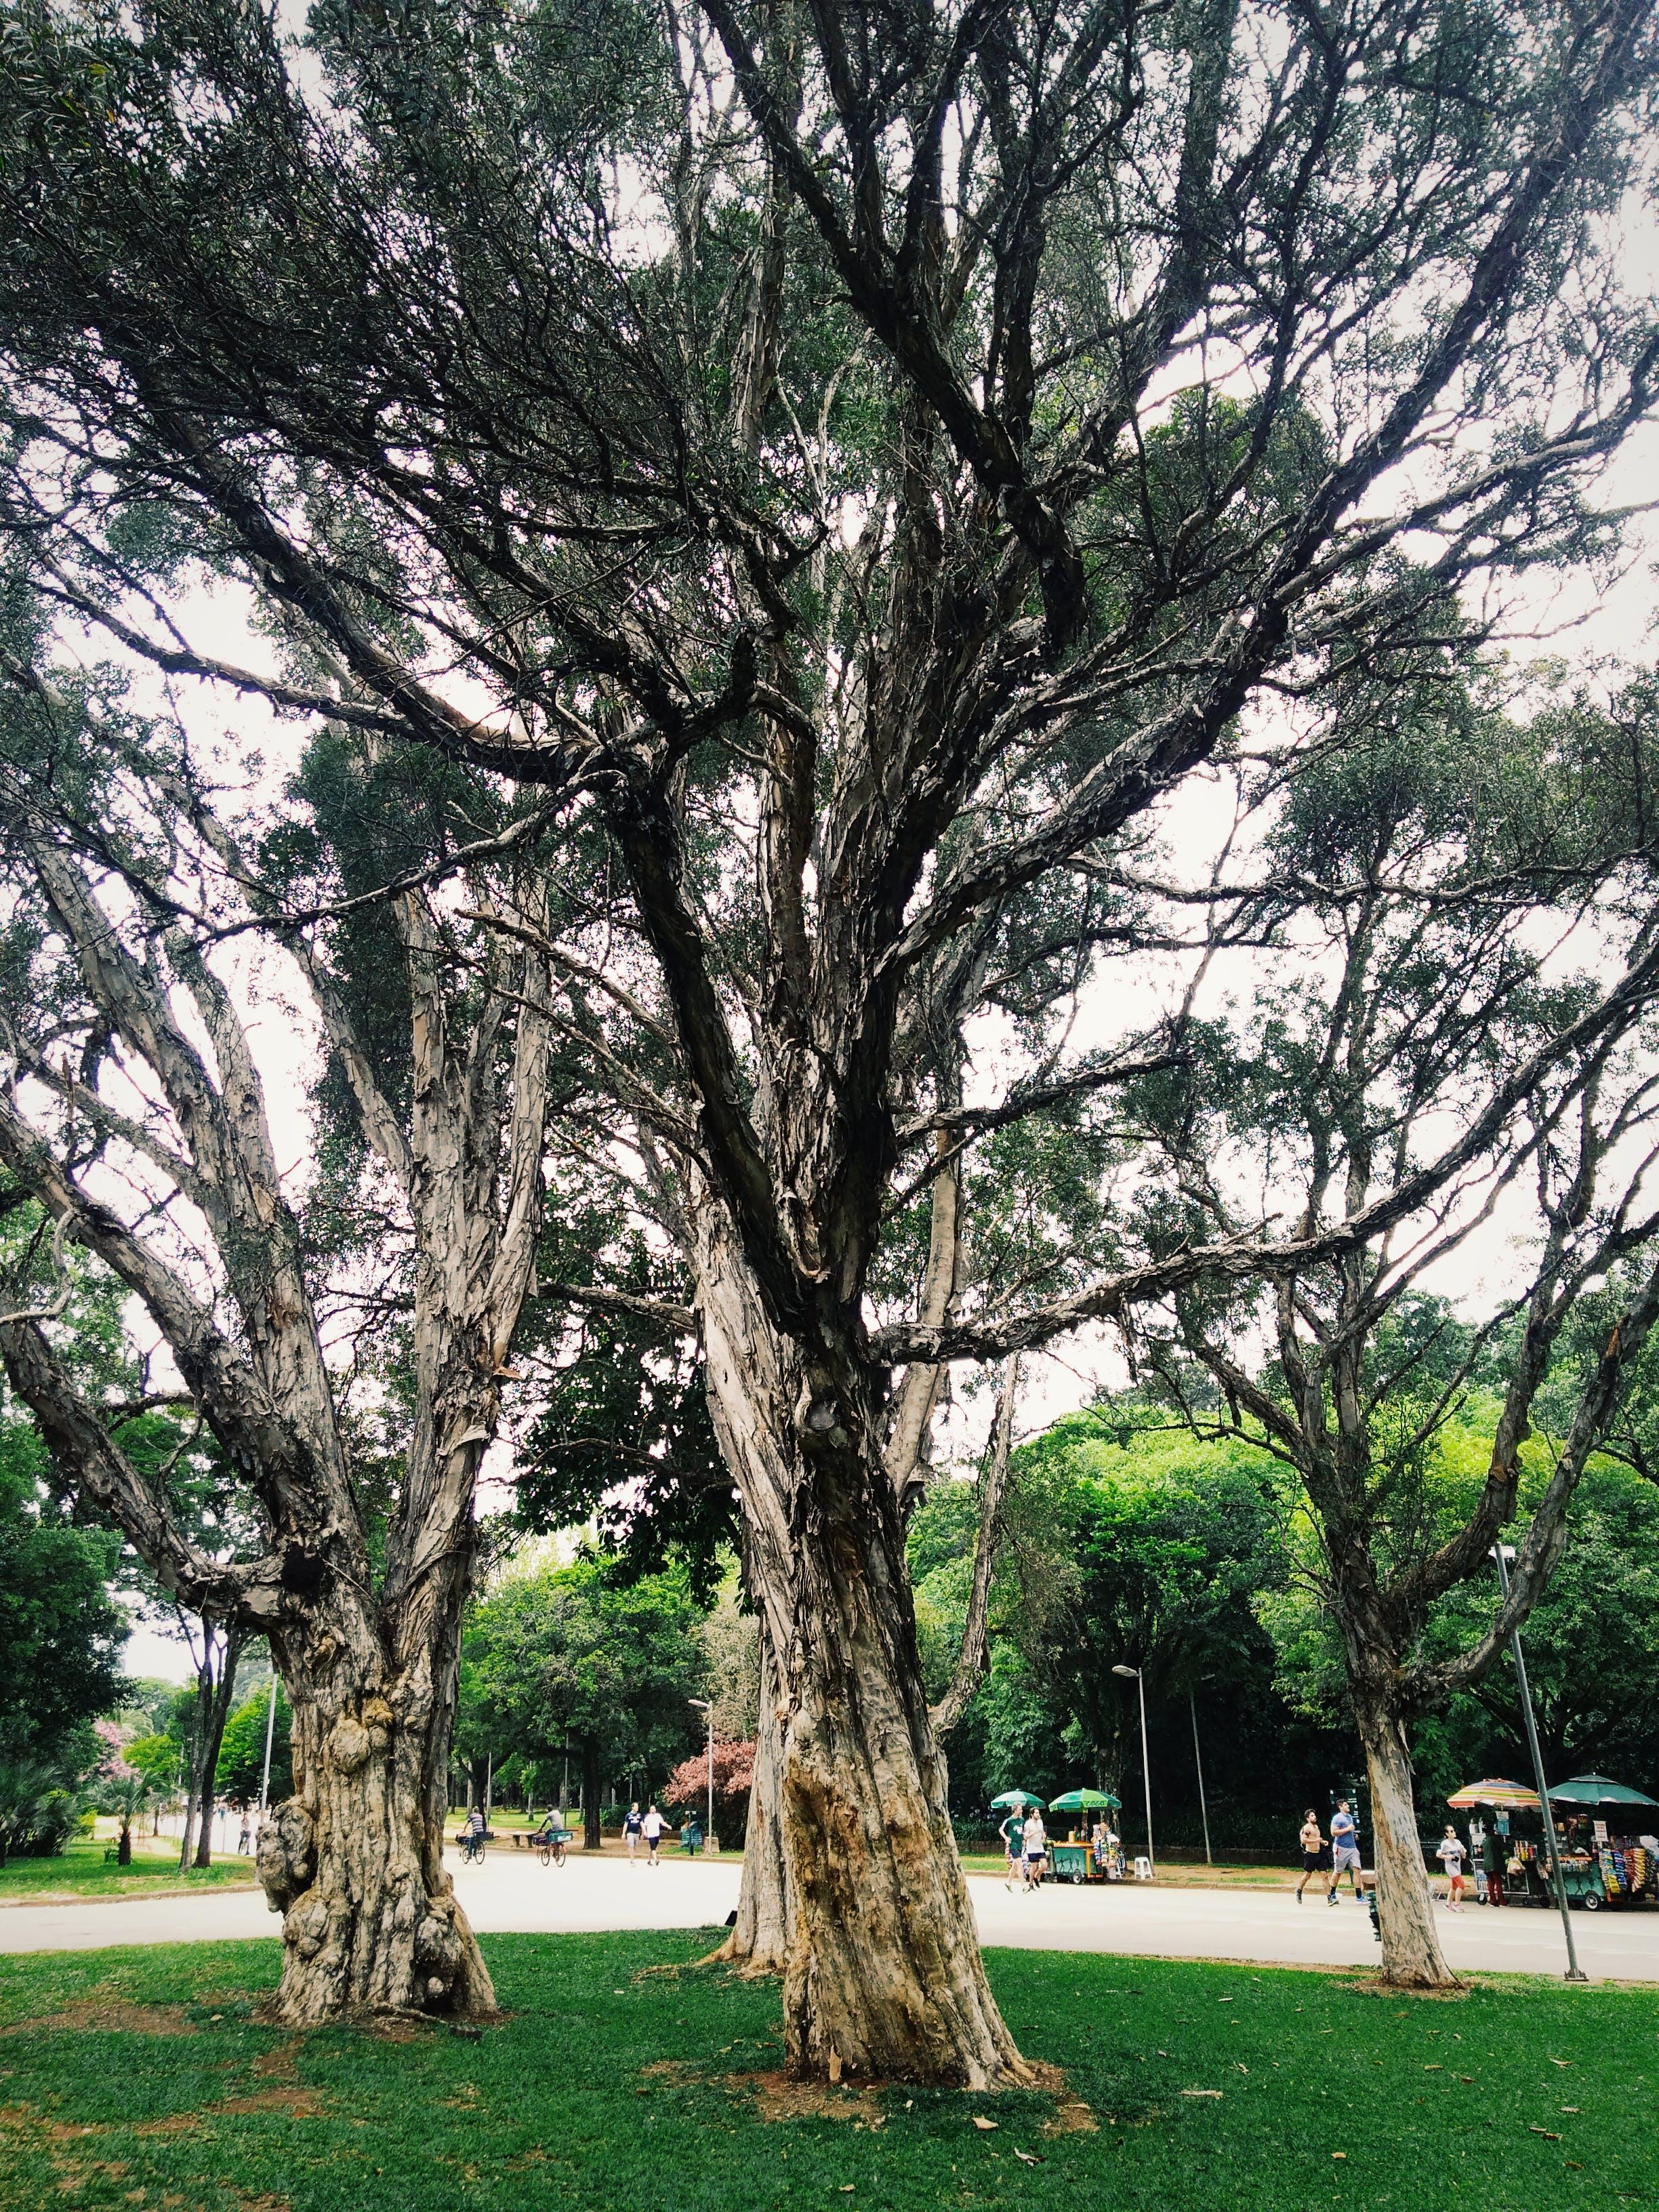 Kostenloses Stock Foto zu äste, bäume, mobilechallenge, park